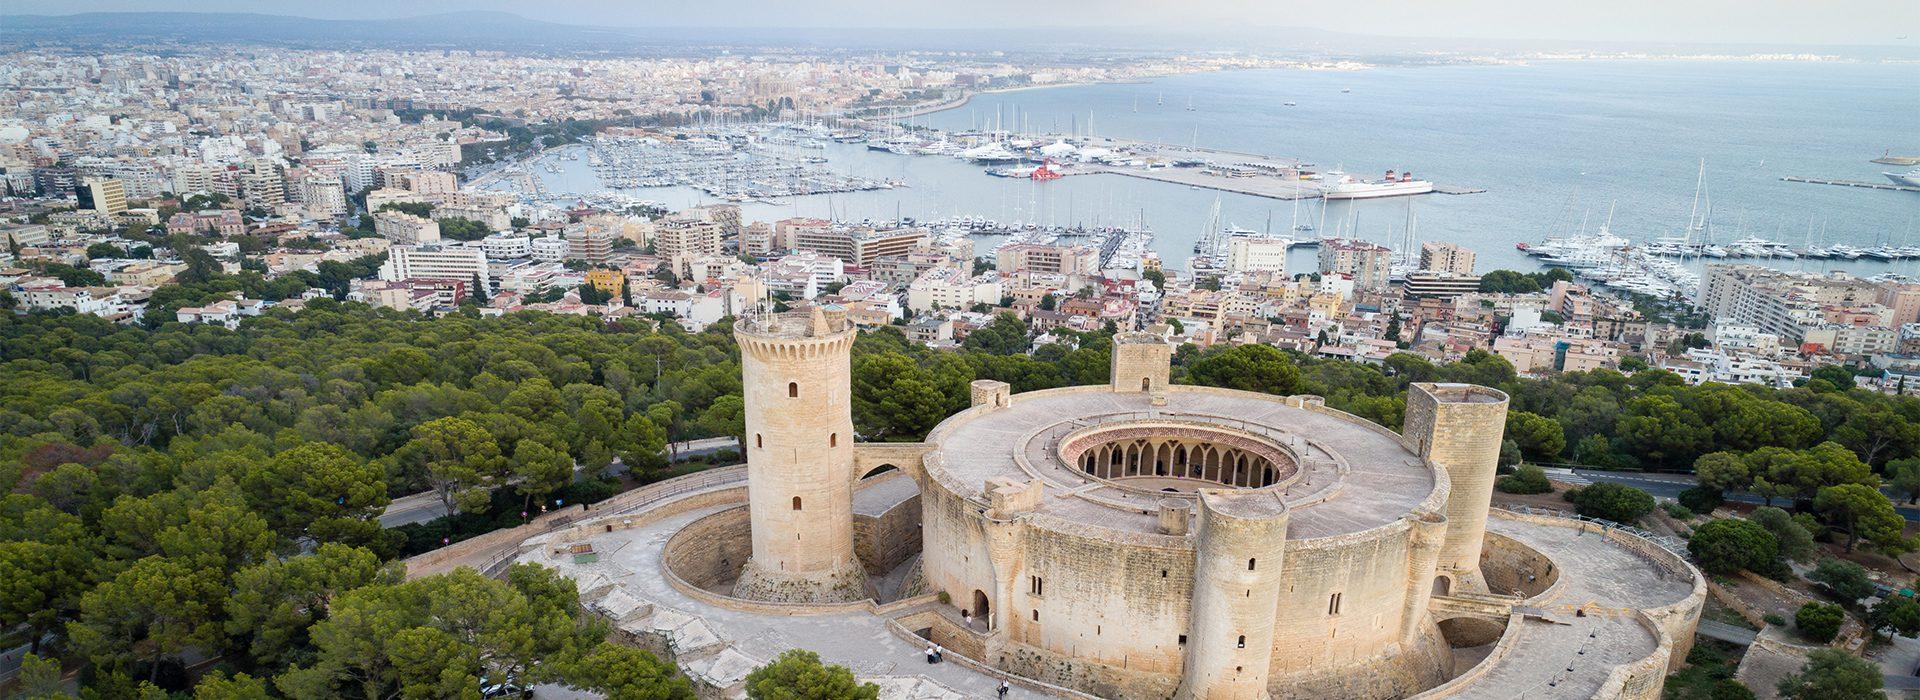 Viajar a Mallorca fuera de temporada